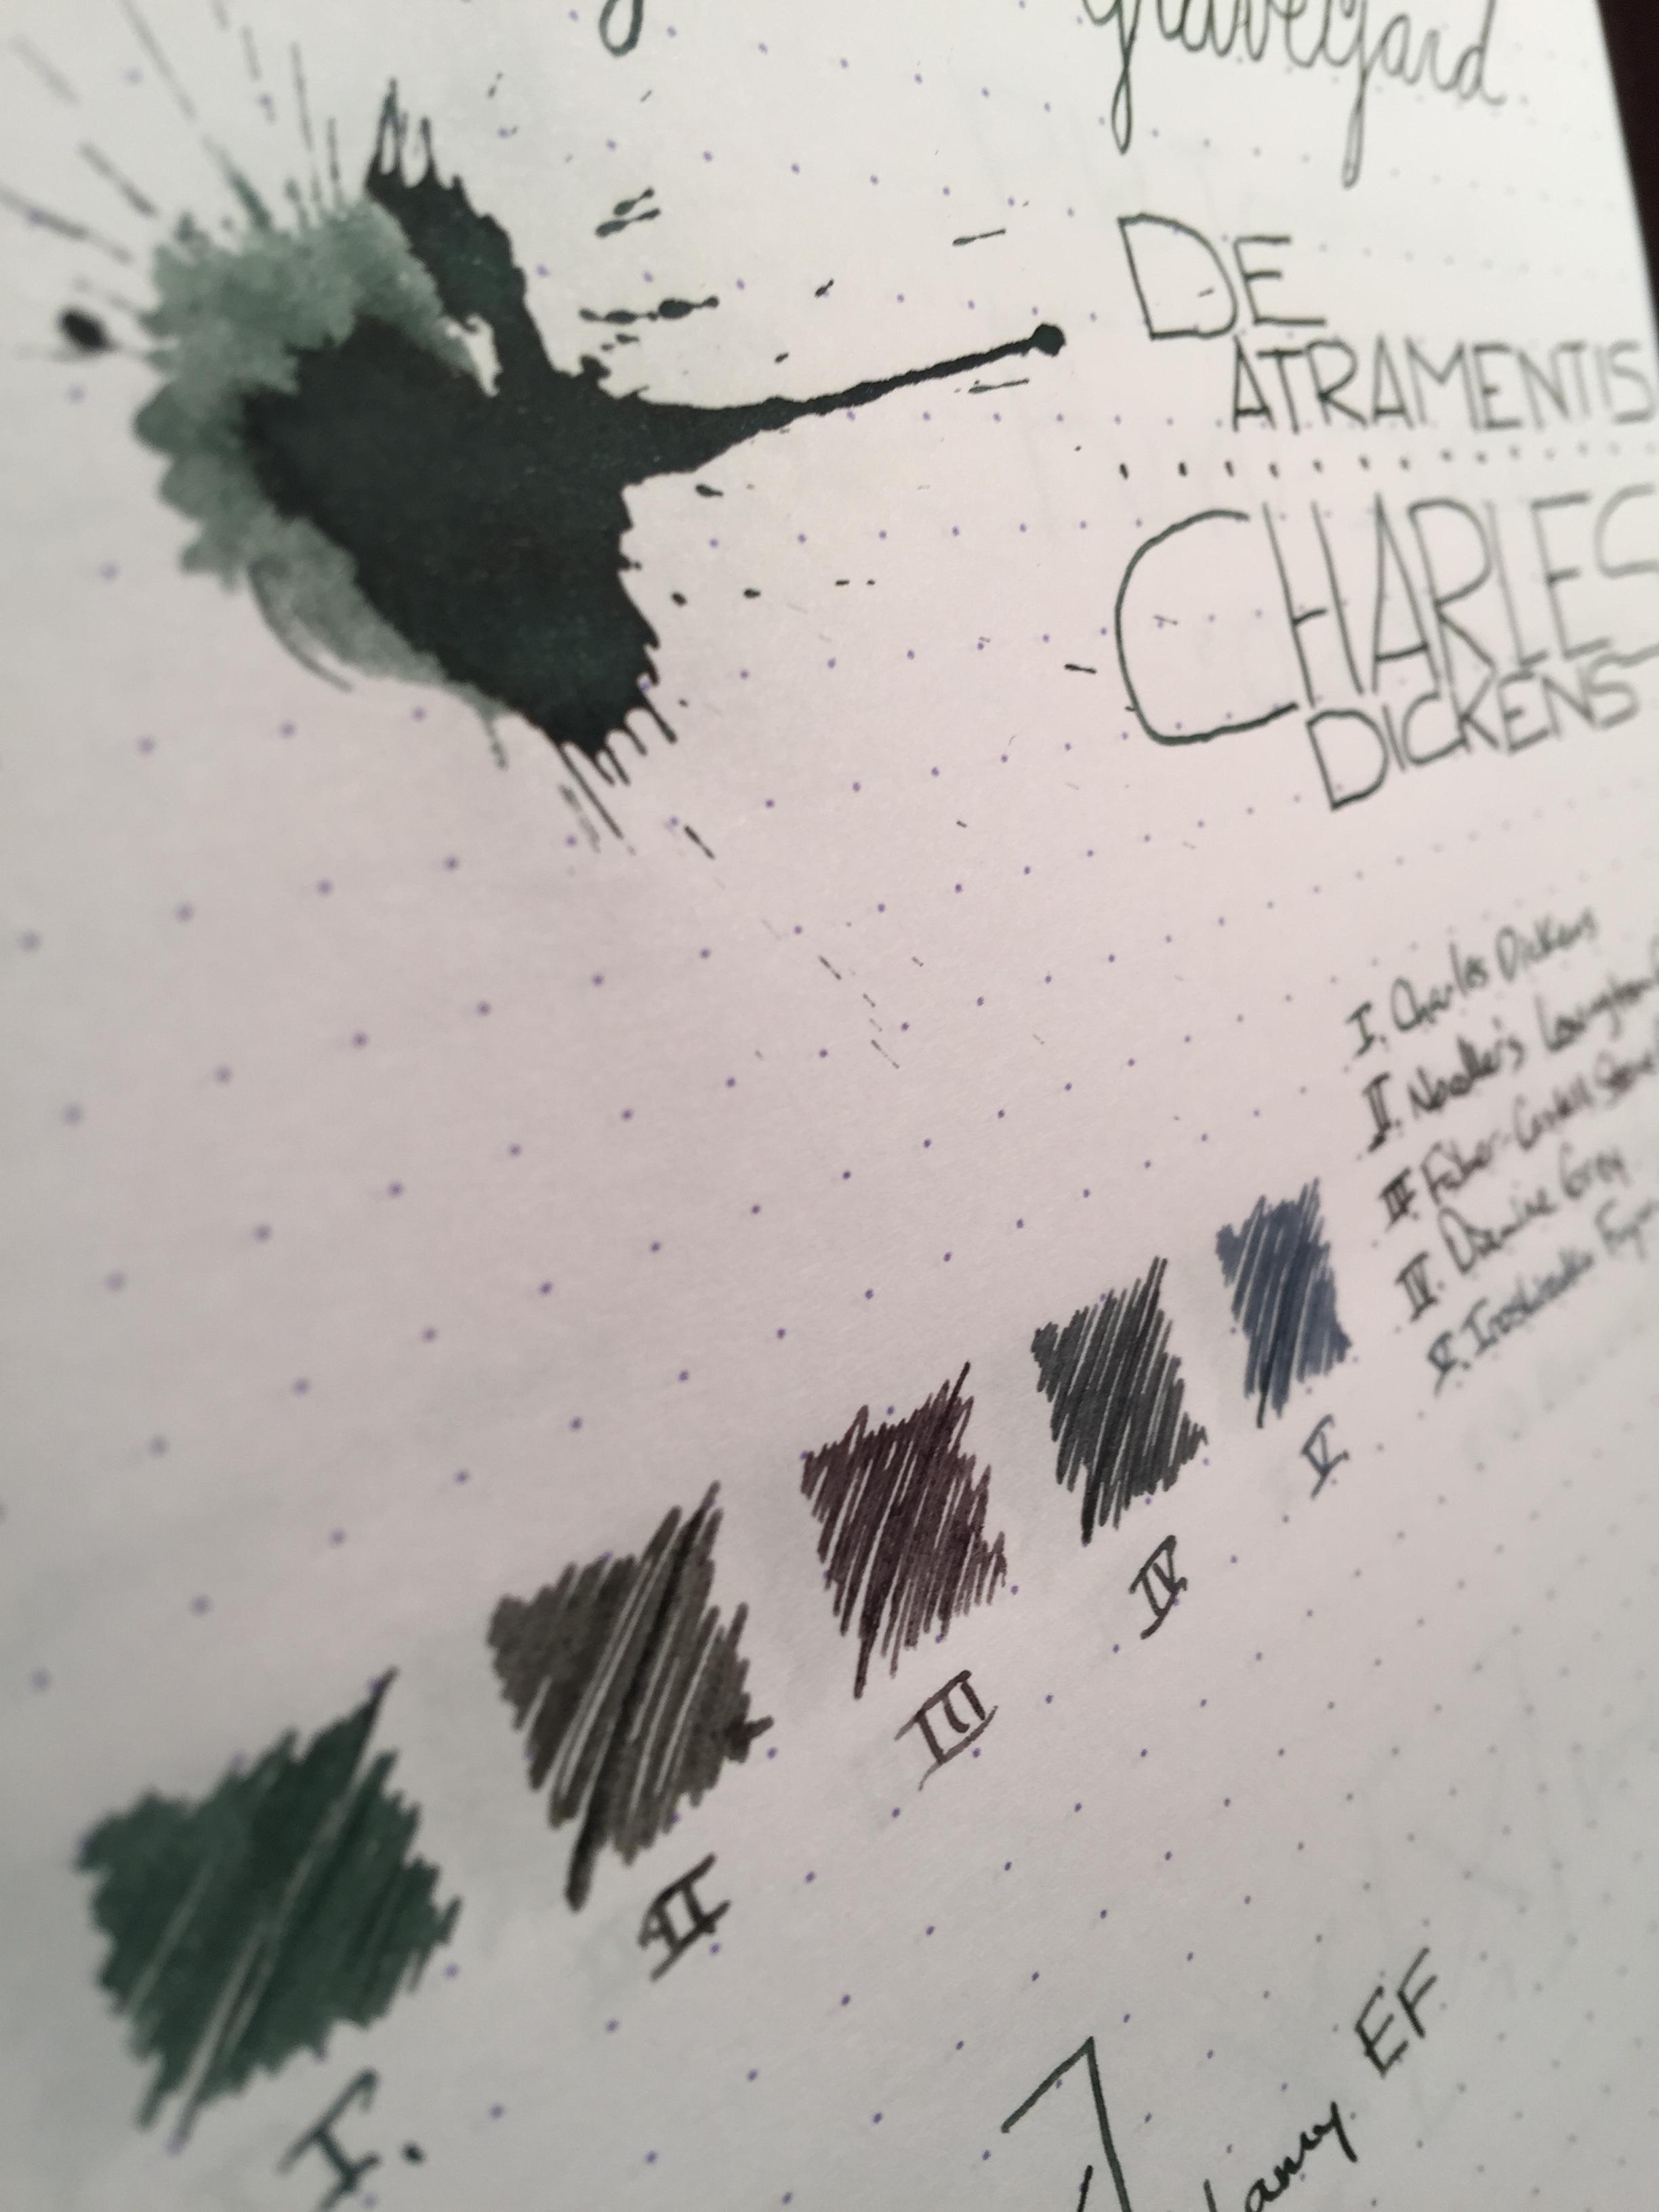 charlesdickens-header